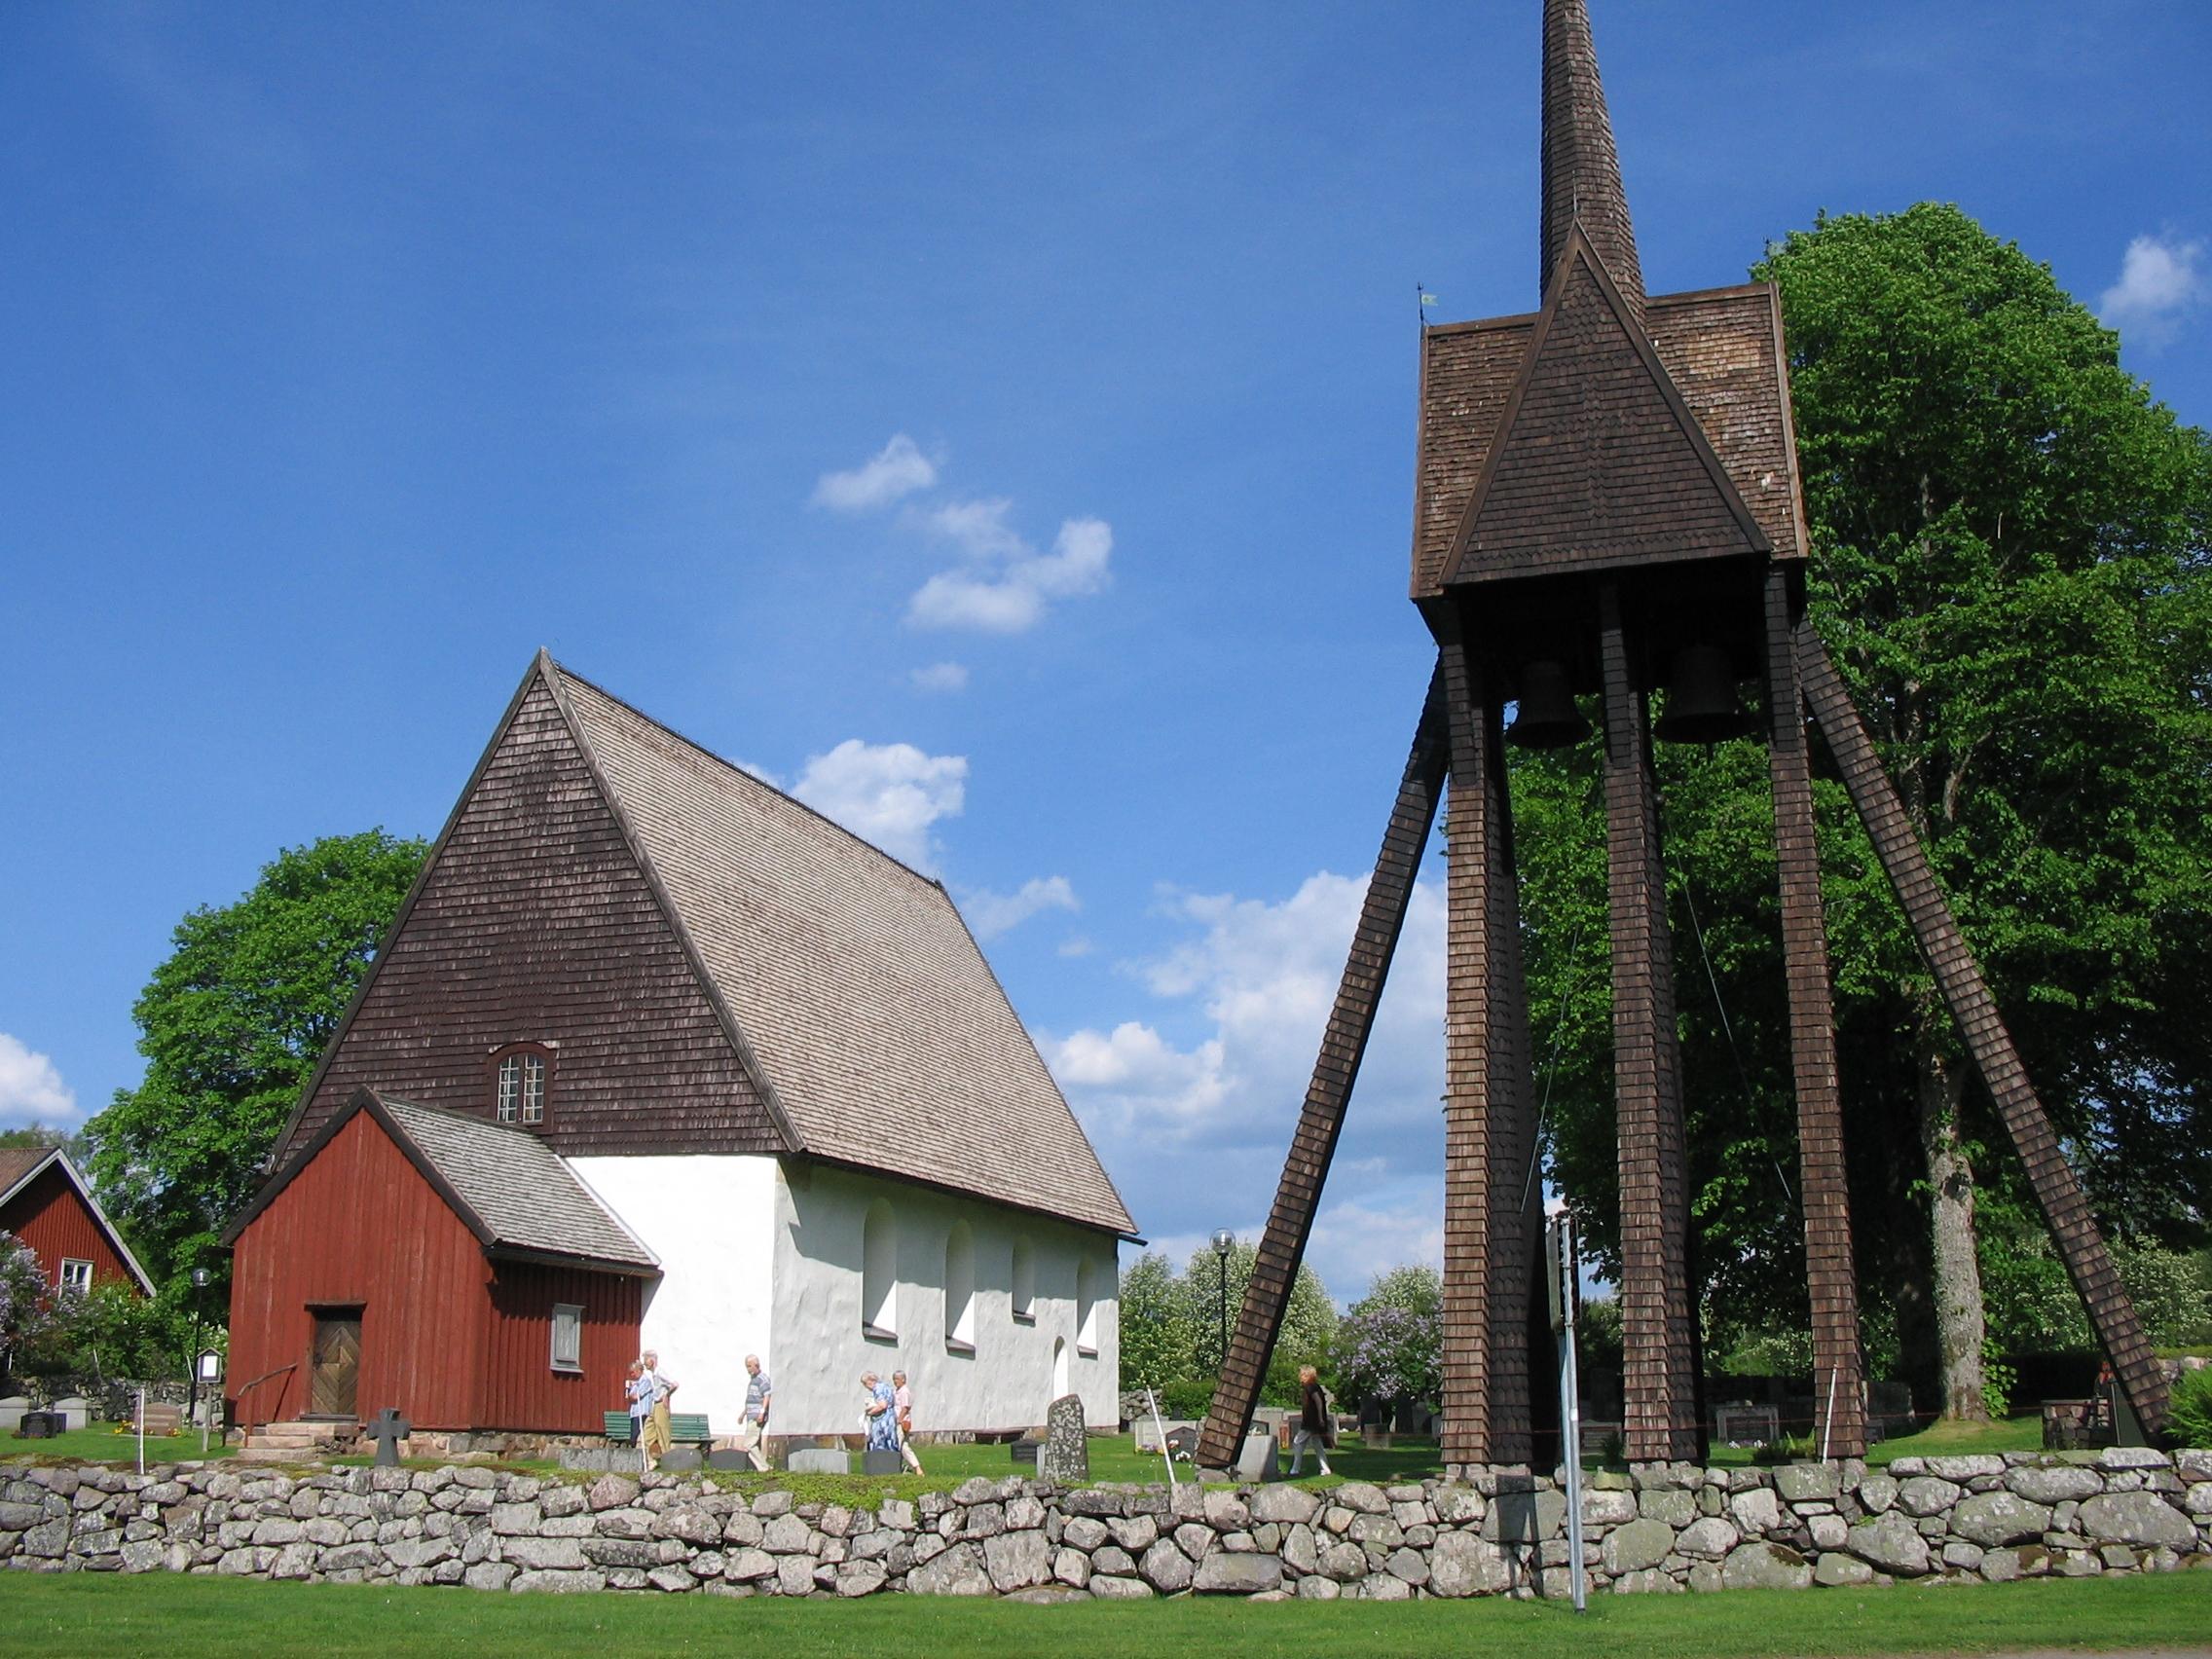 Fil:Sjss gamla kyrka, unam.net Wikipedia